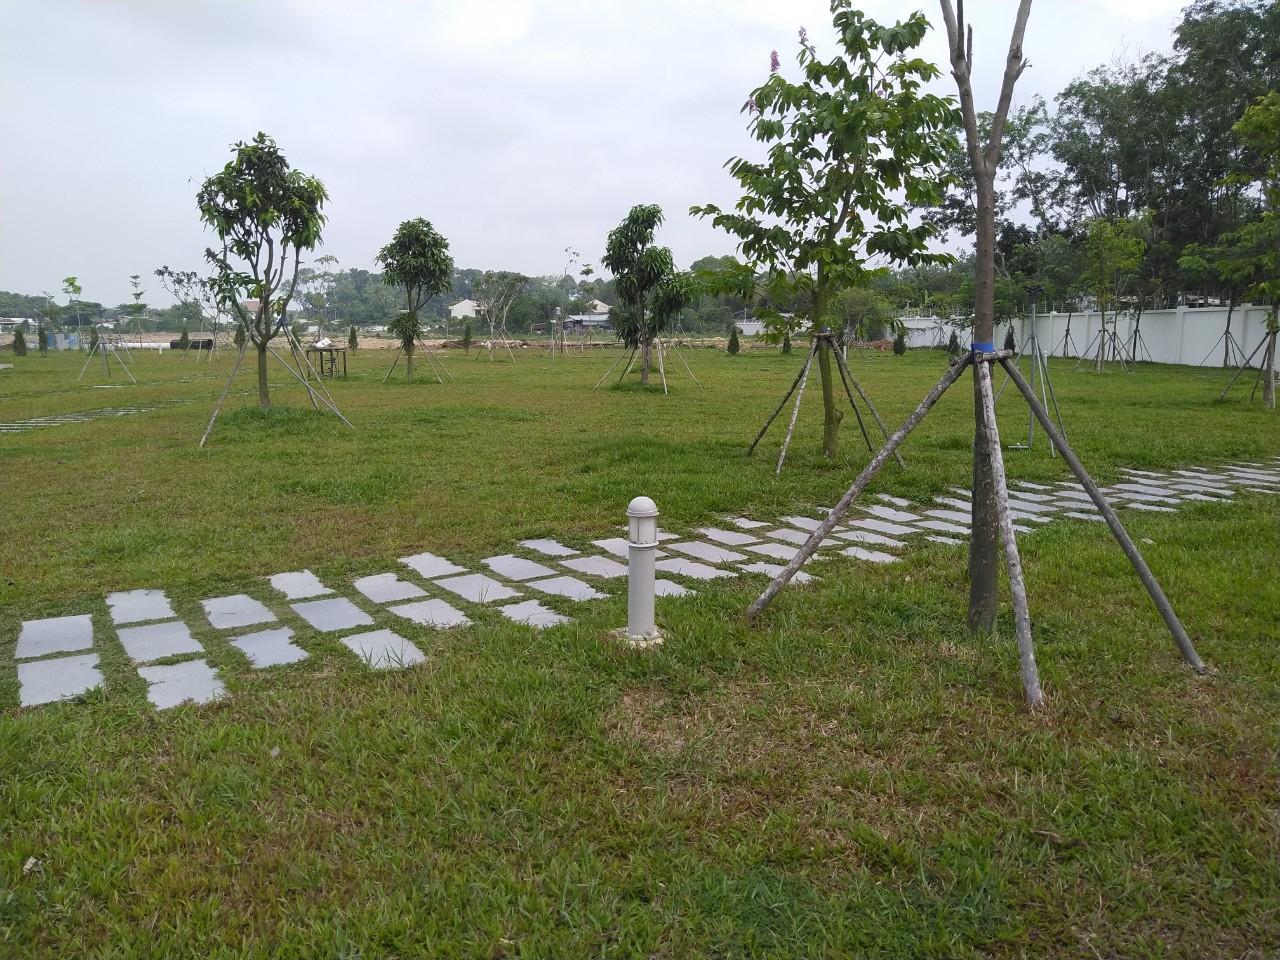 Dịch vụ trồng cây xanh, cỏ tại Chơn Thành Bình Phước